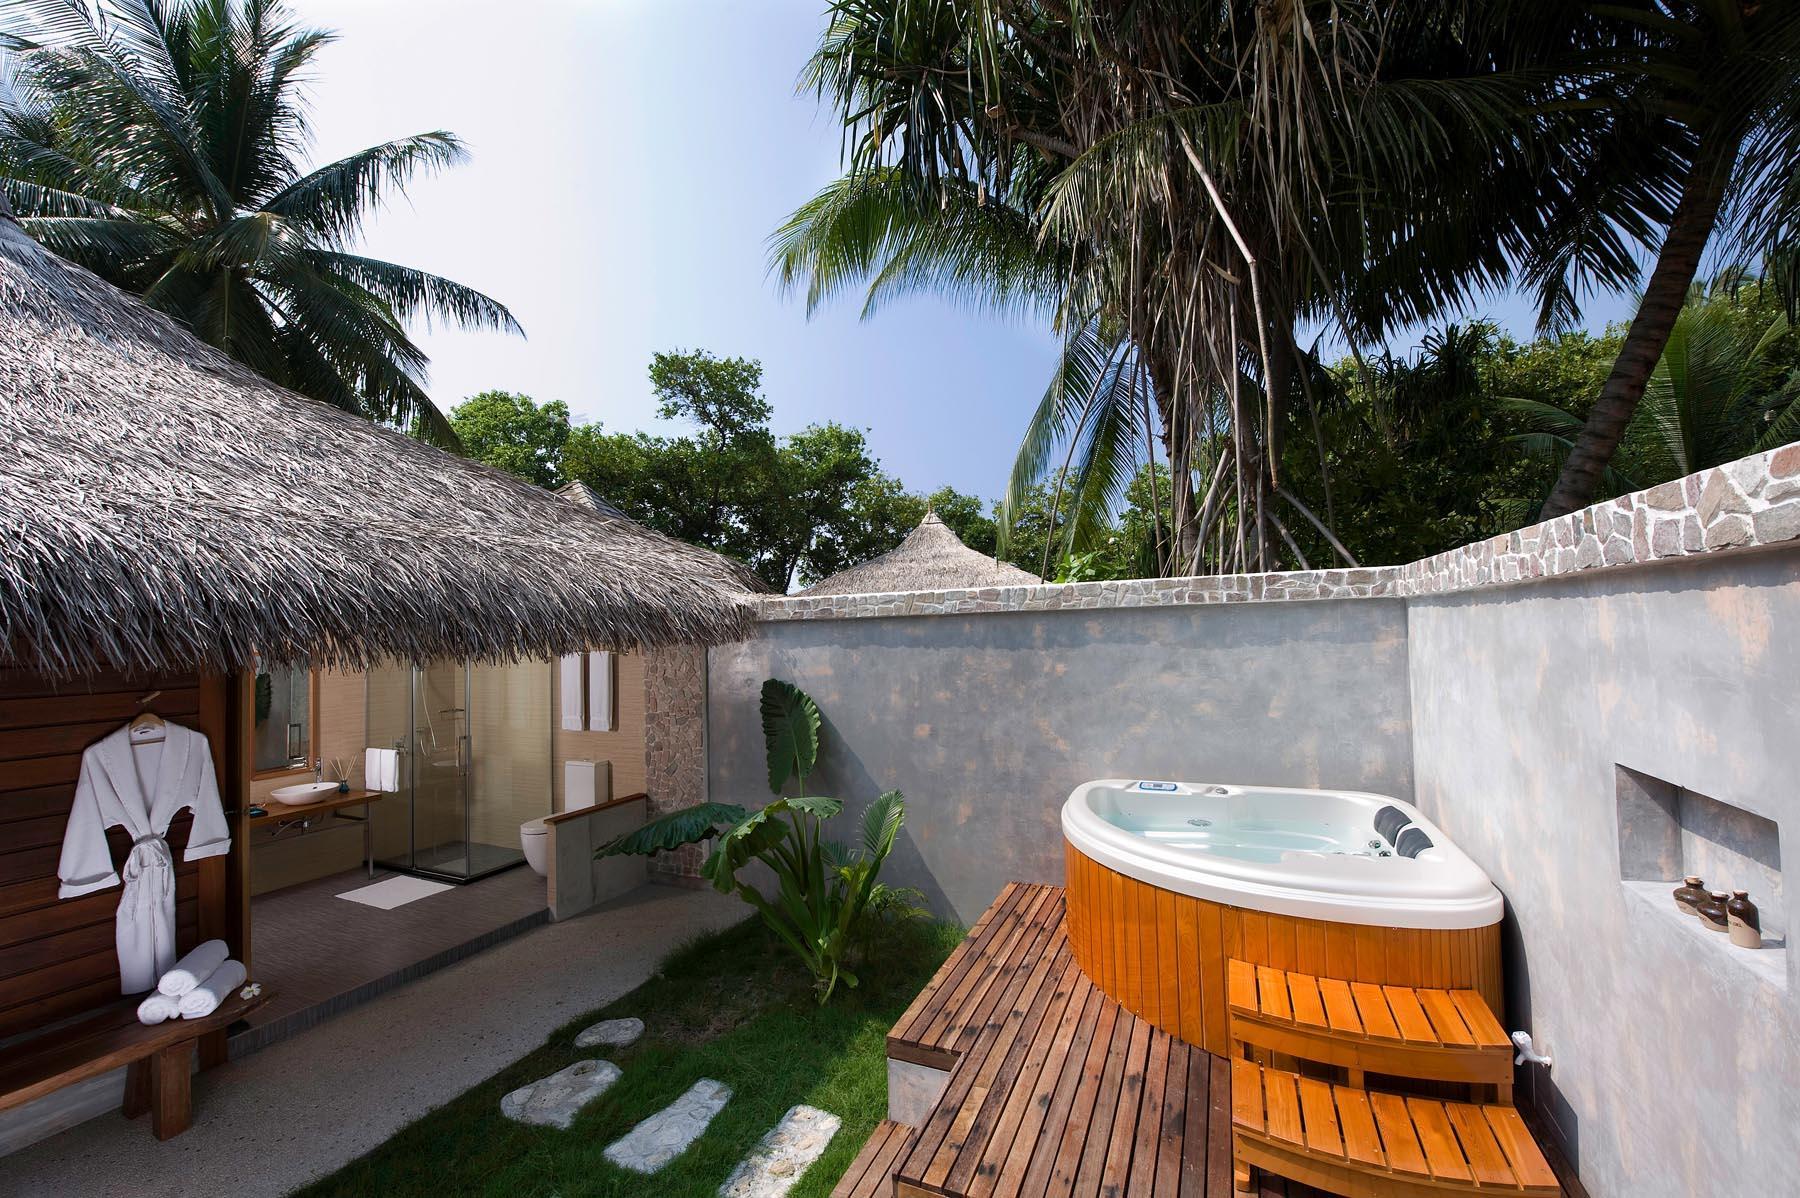 kuramathi-island-maldives-genel-0010